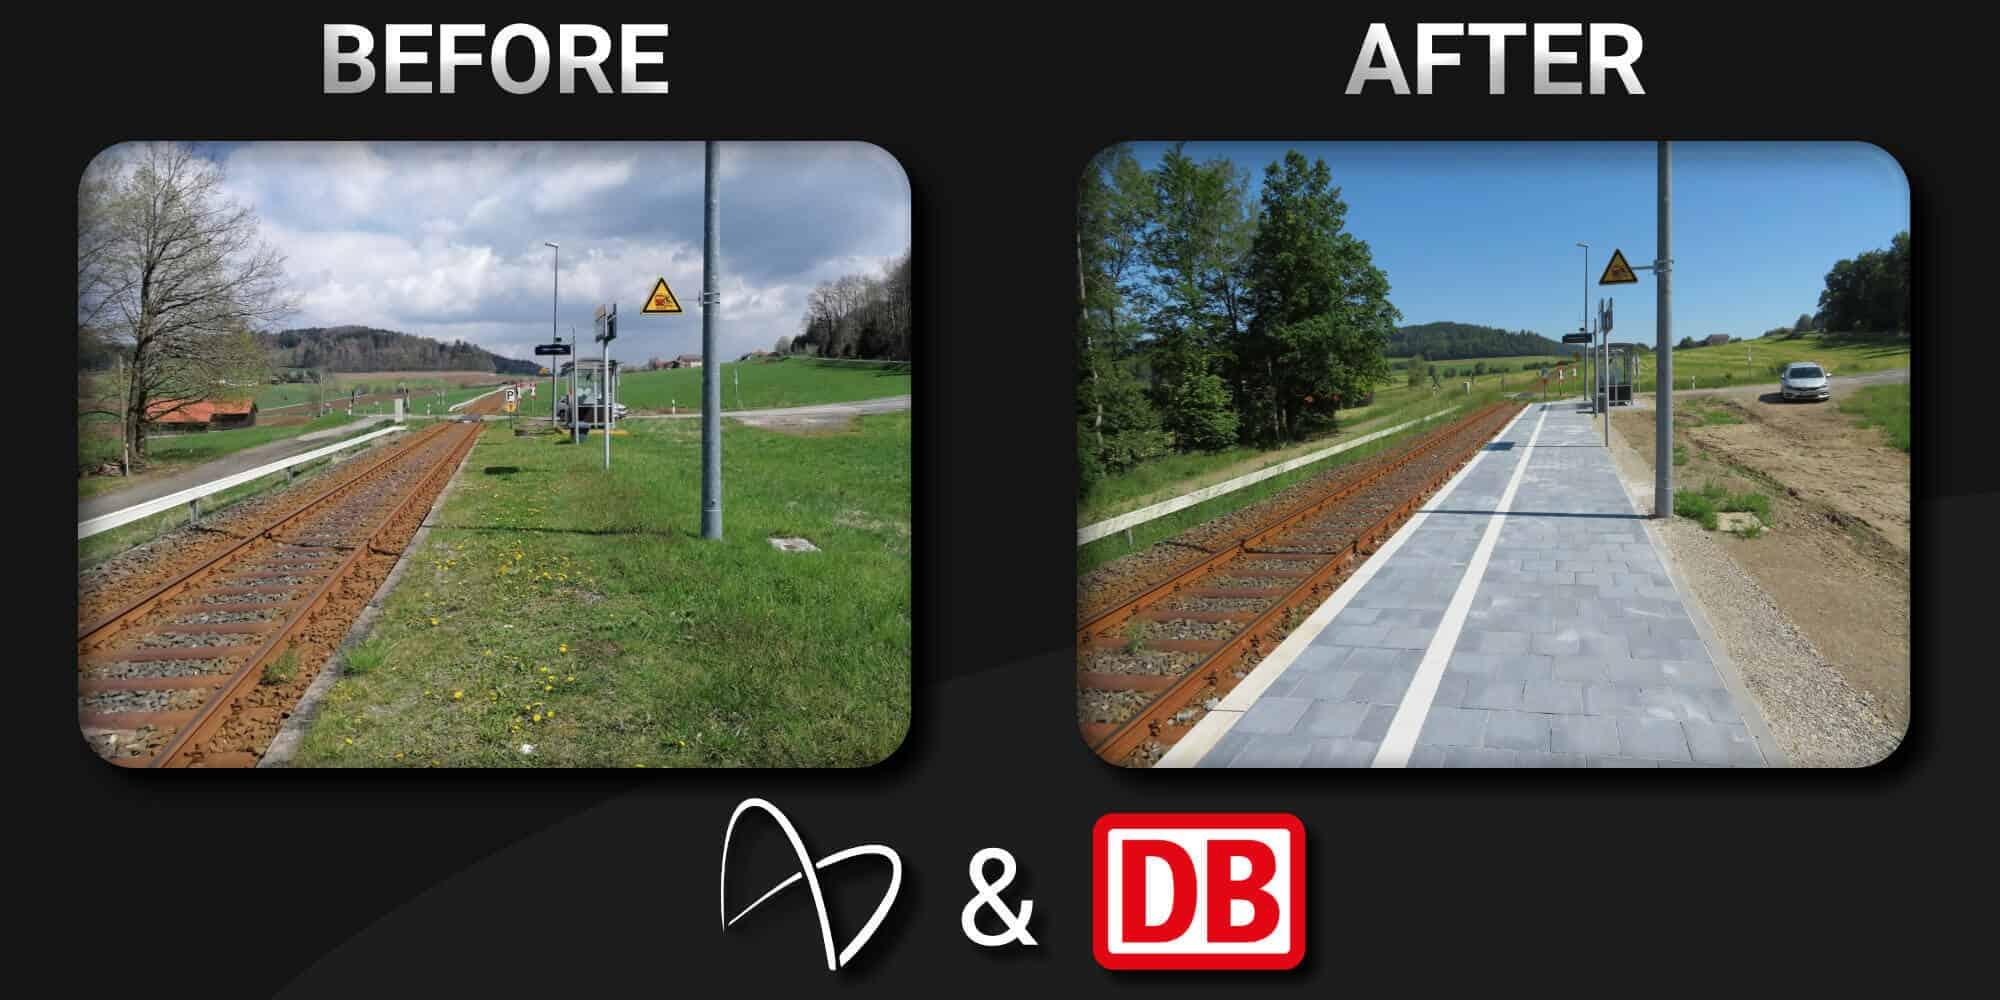 Deutsche Bahn Case Study Header Image